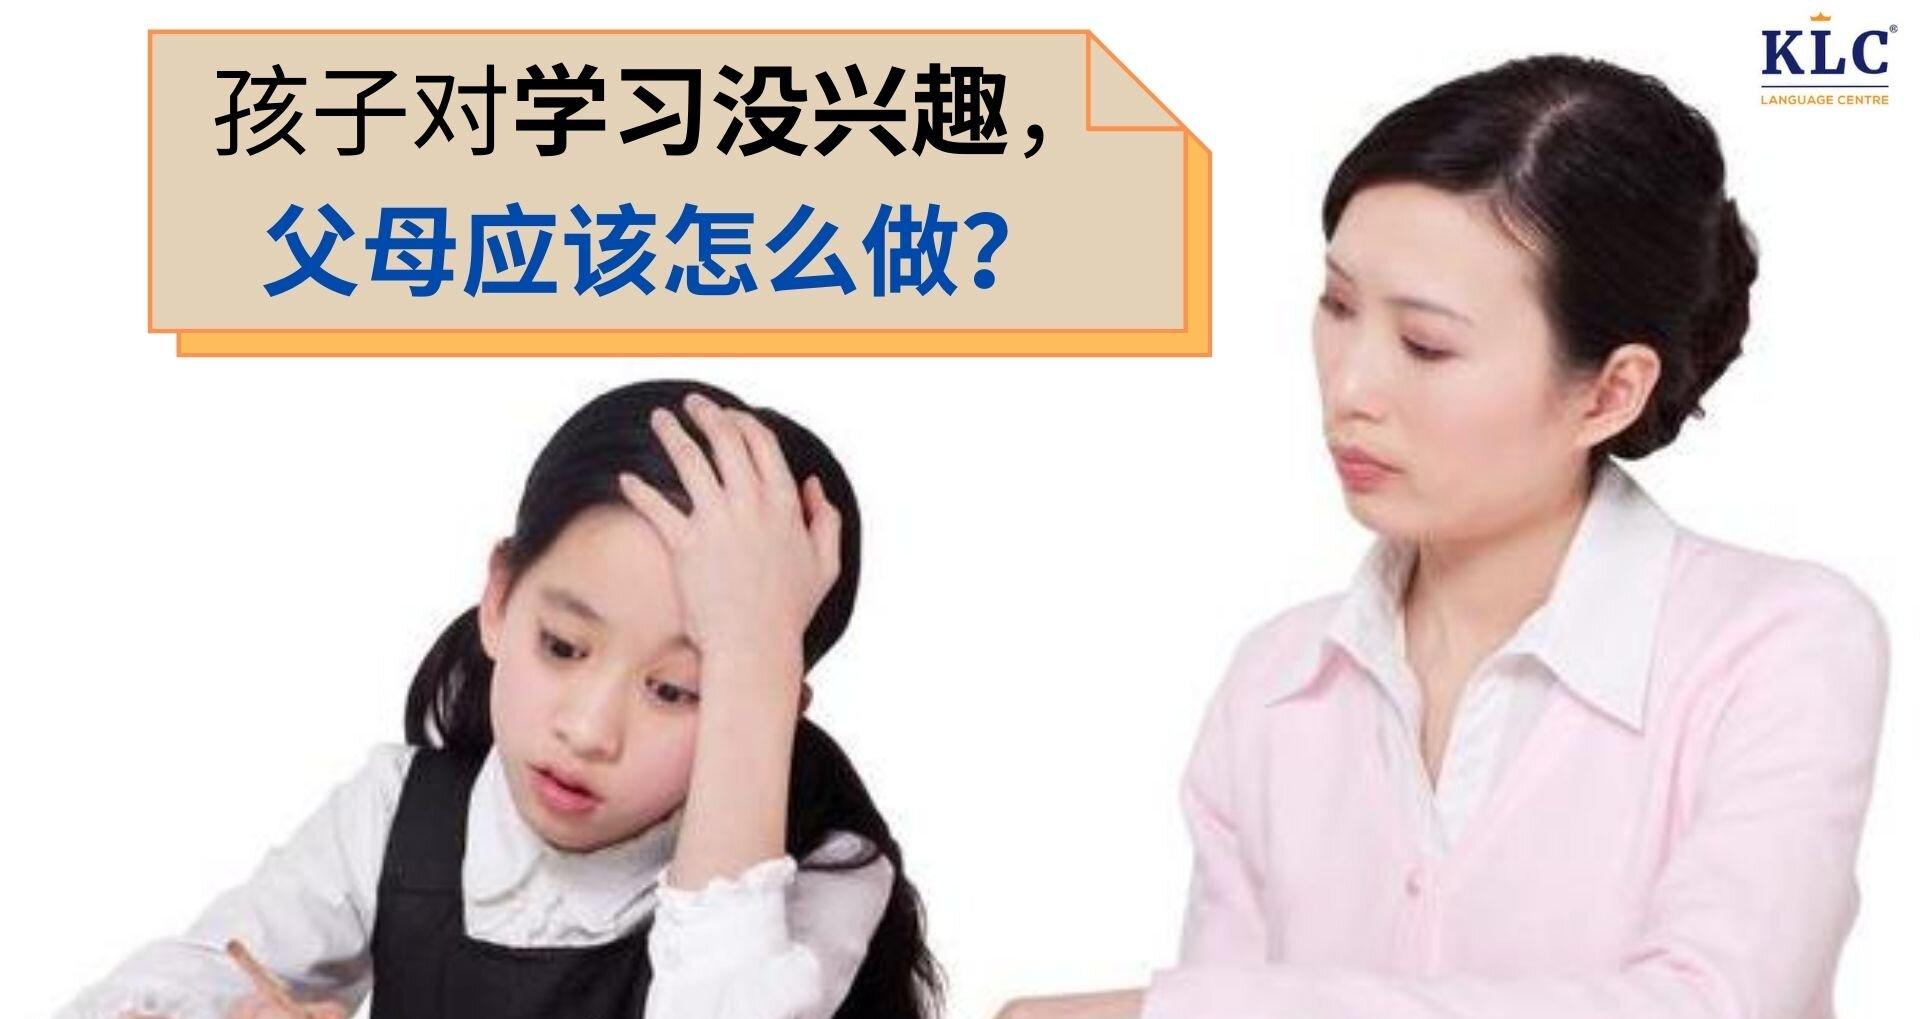 孩子对学习没兴趣,父母应该怎么做?